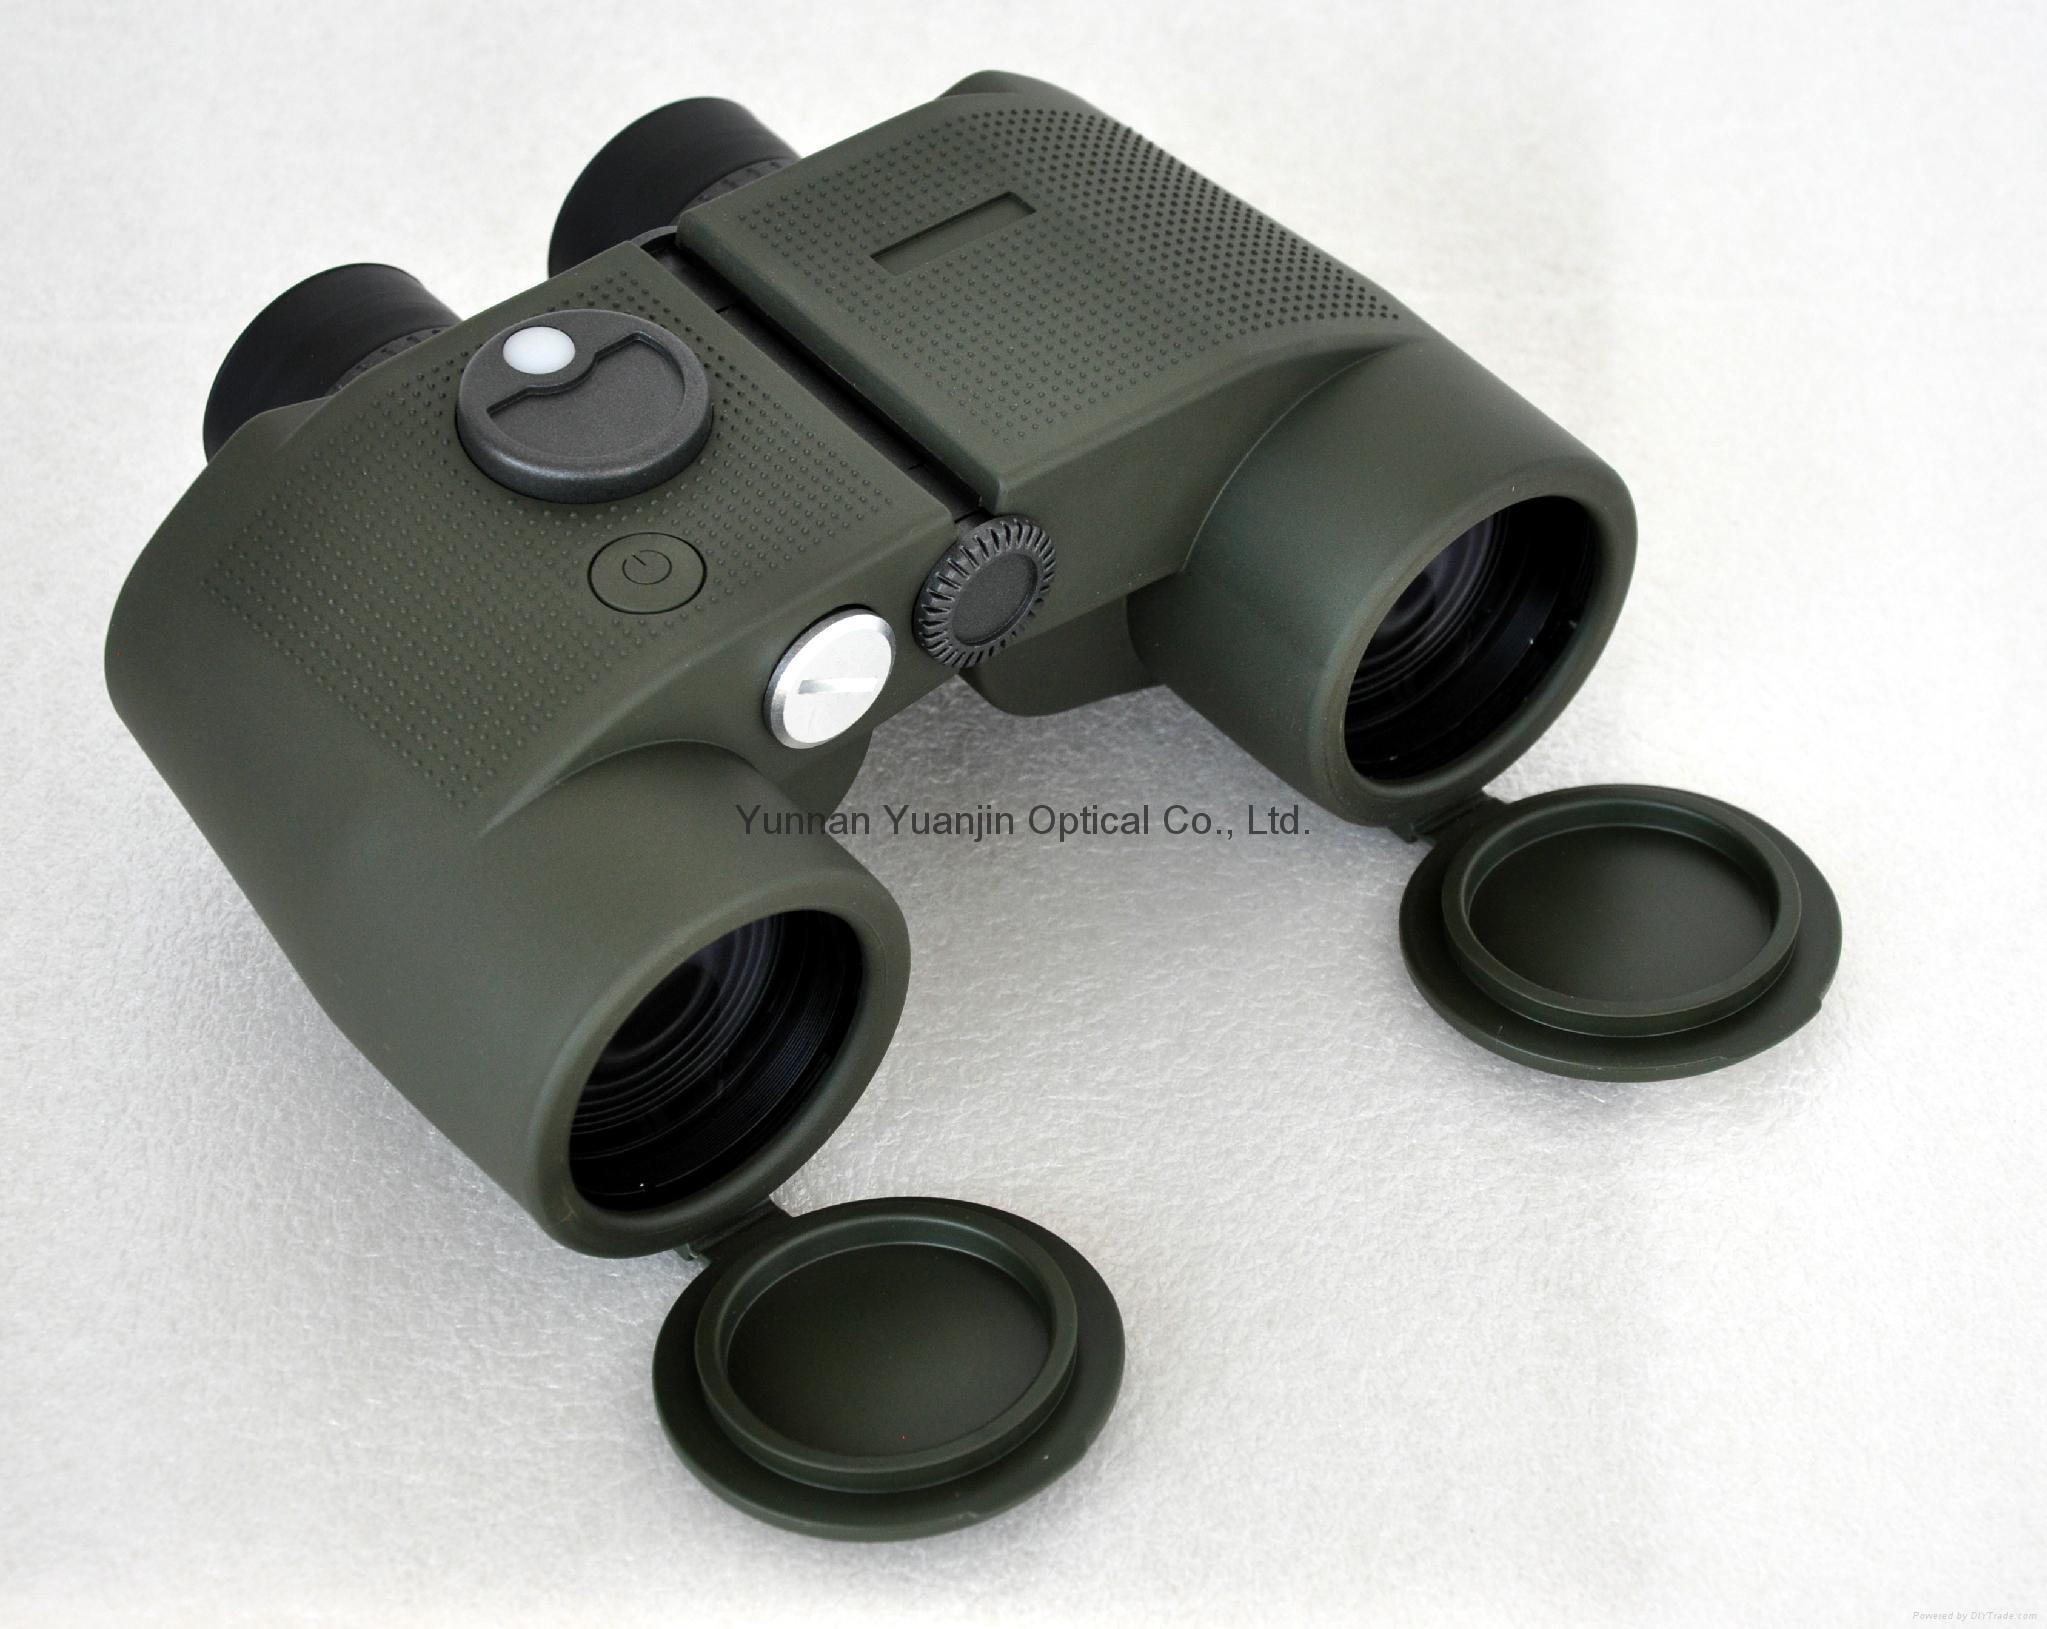 遠錦戰鷹7X50高清望遠鏡帶羅盤視野很開闊 7